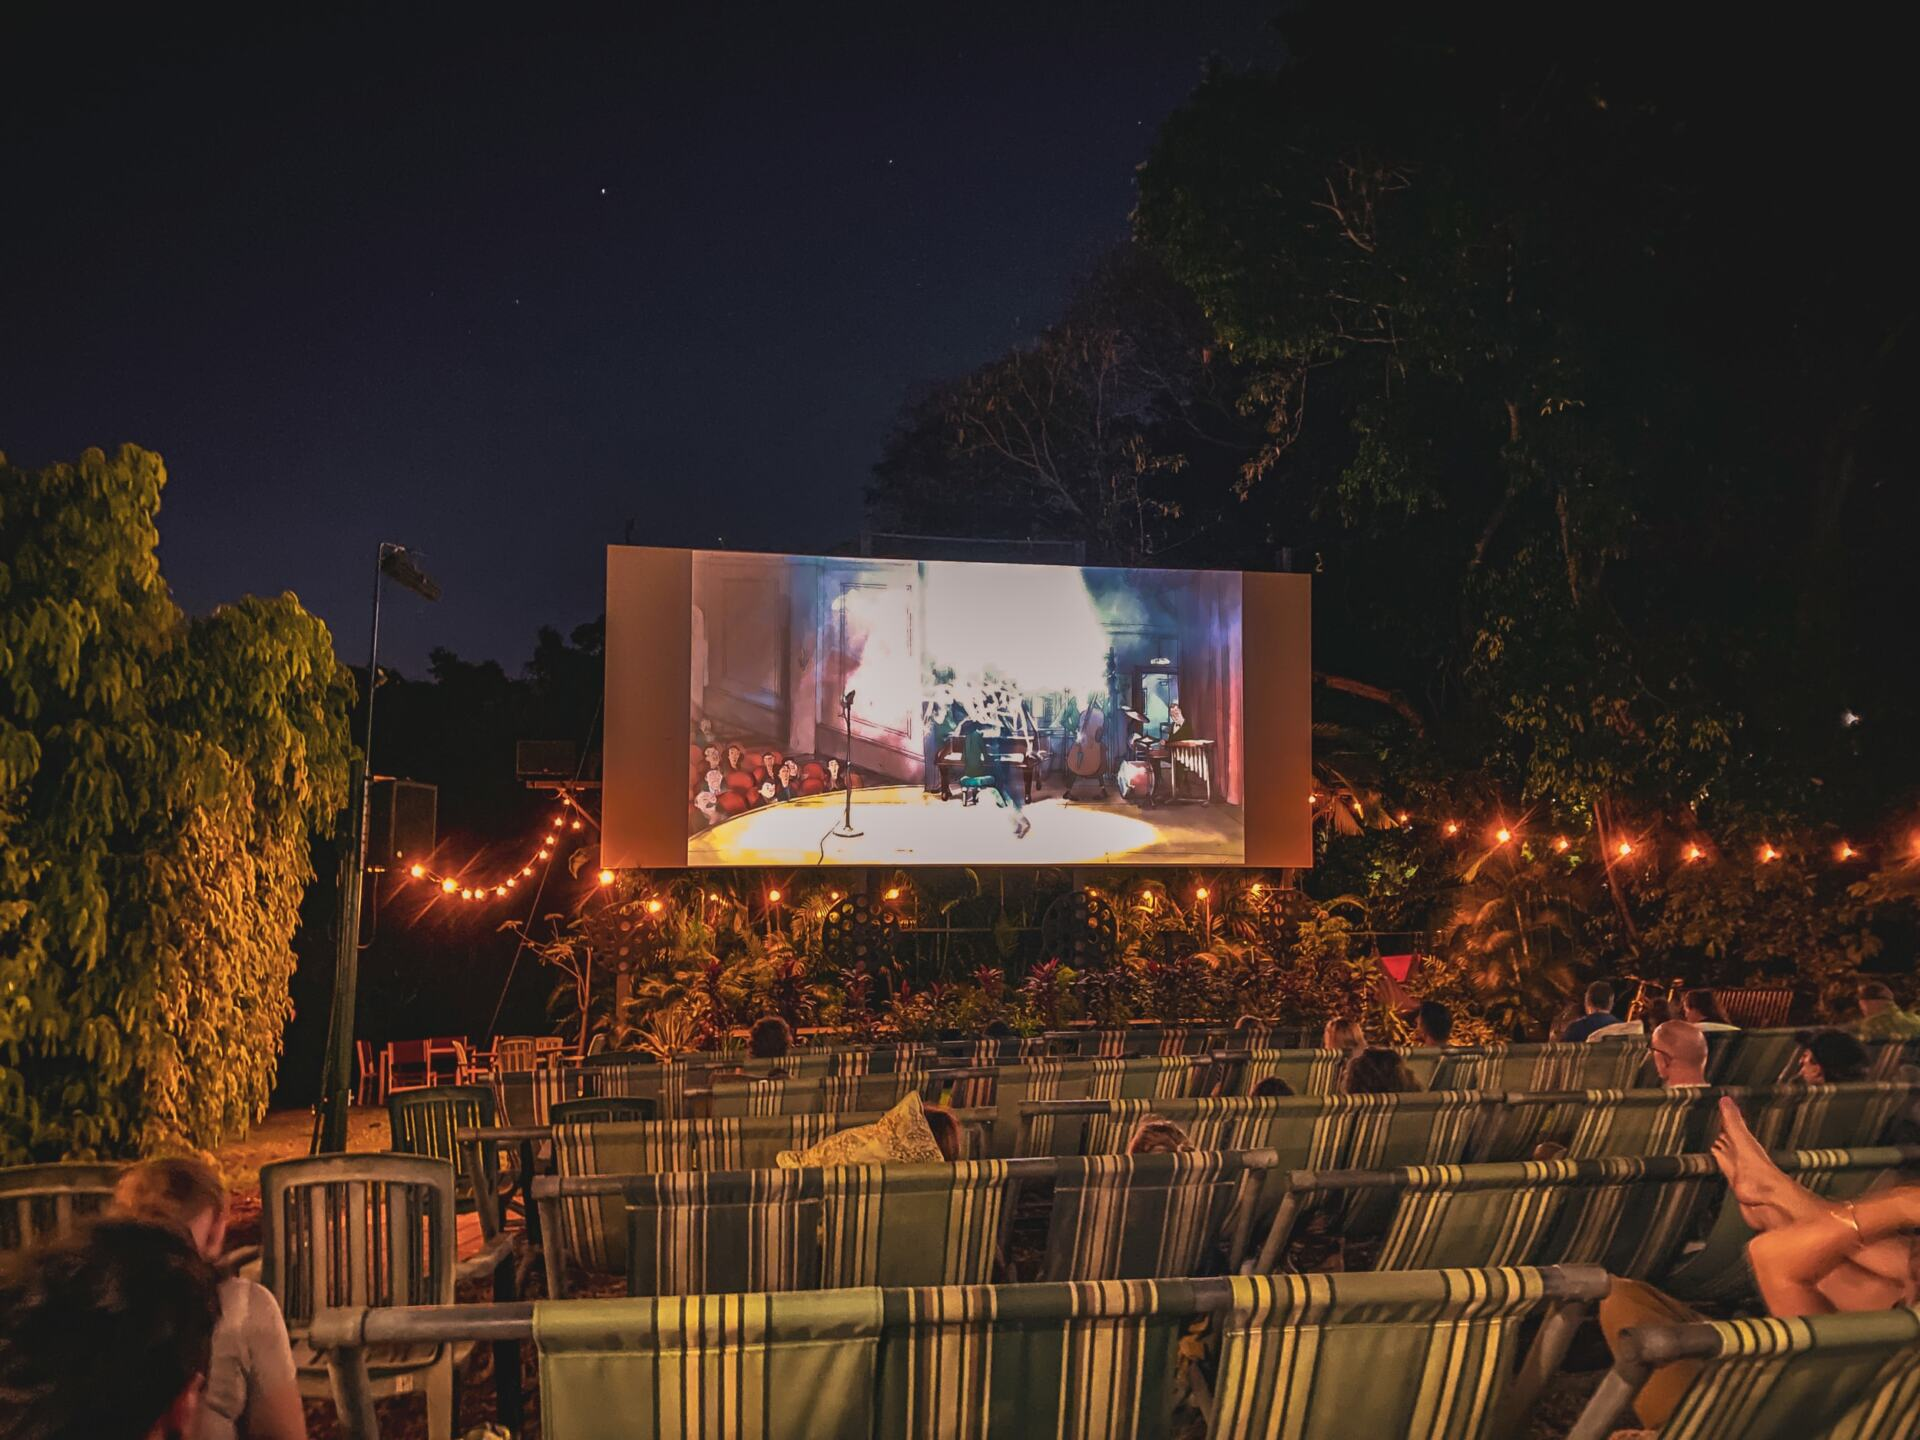 deck chair cinema